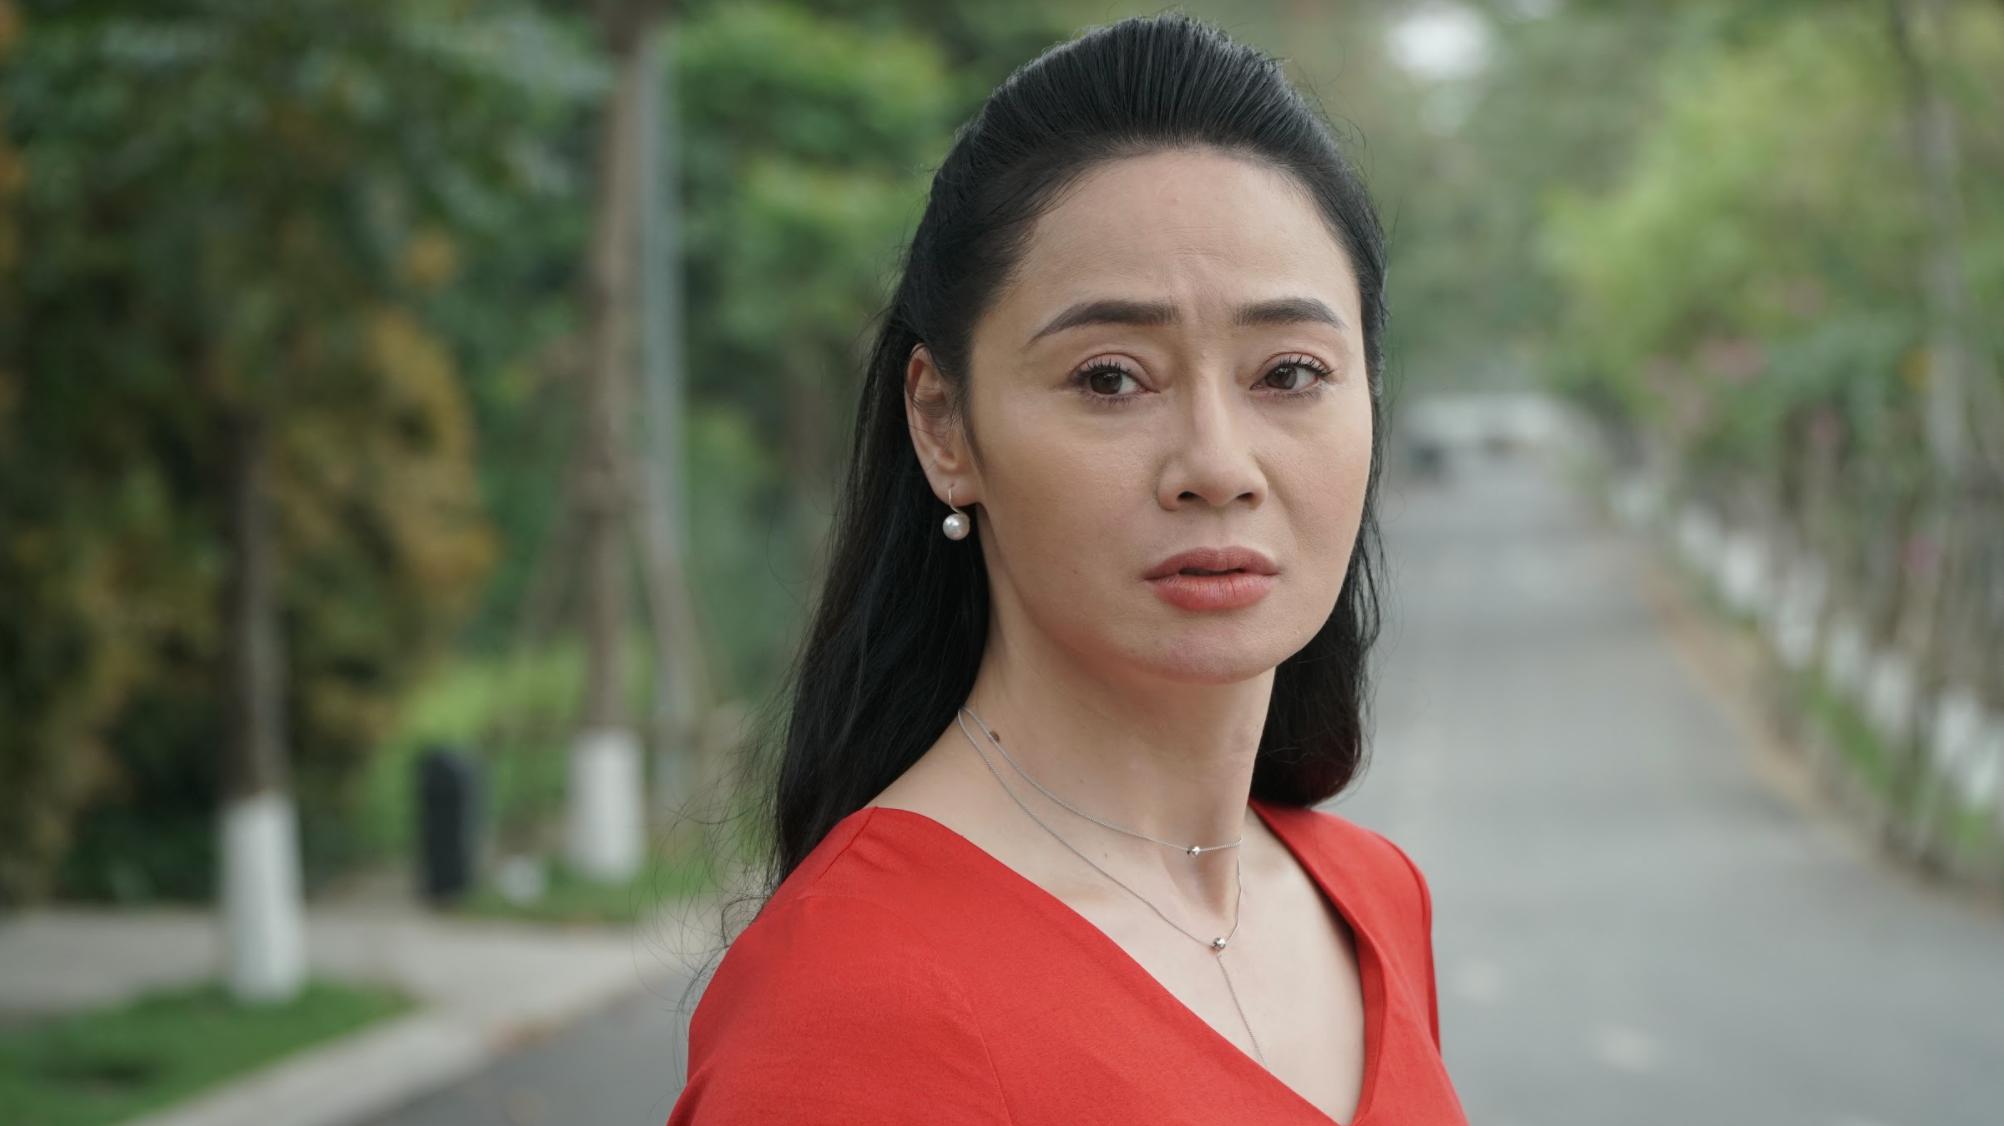 Giai nhân màn ảnh Quách Thu Phương: Bị sốc, trầm cảm khi dừng diễn xuất - 4